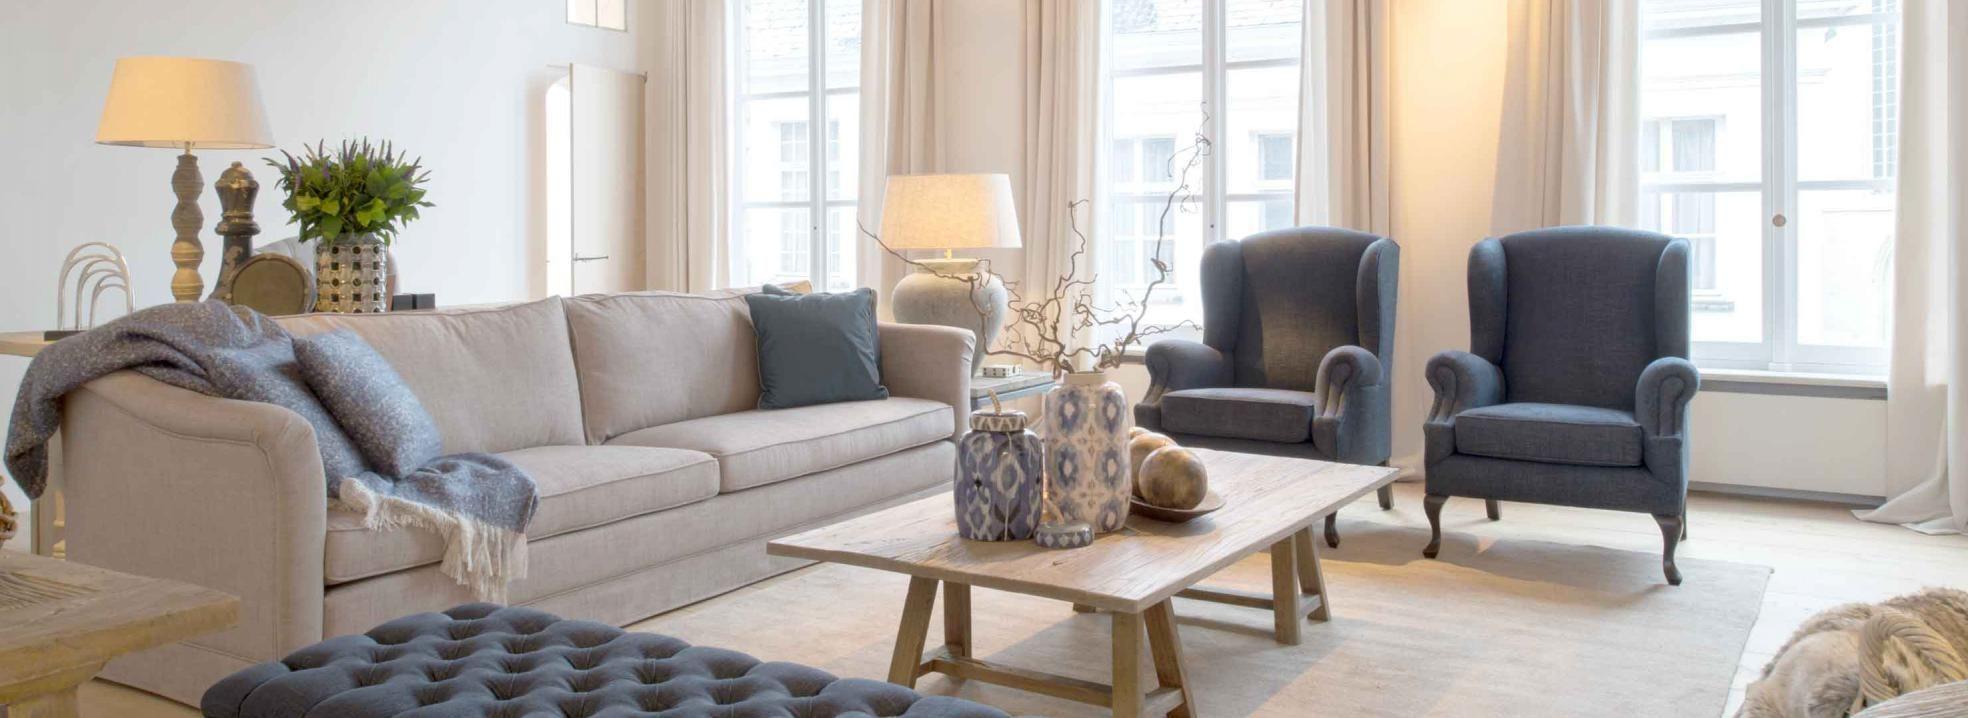 Charrell home interiors accessoires de d coration d for Accessoire deco salon